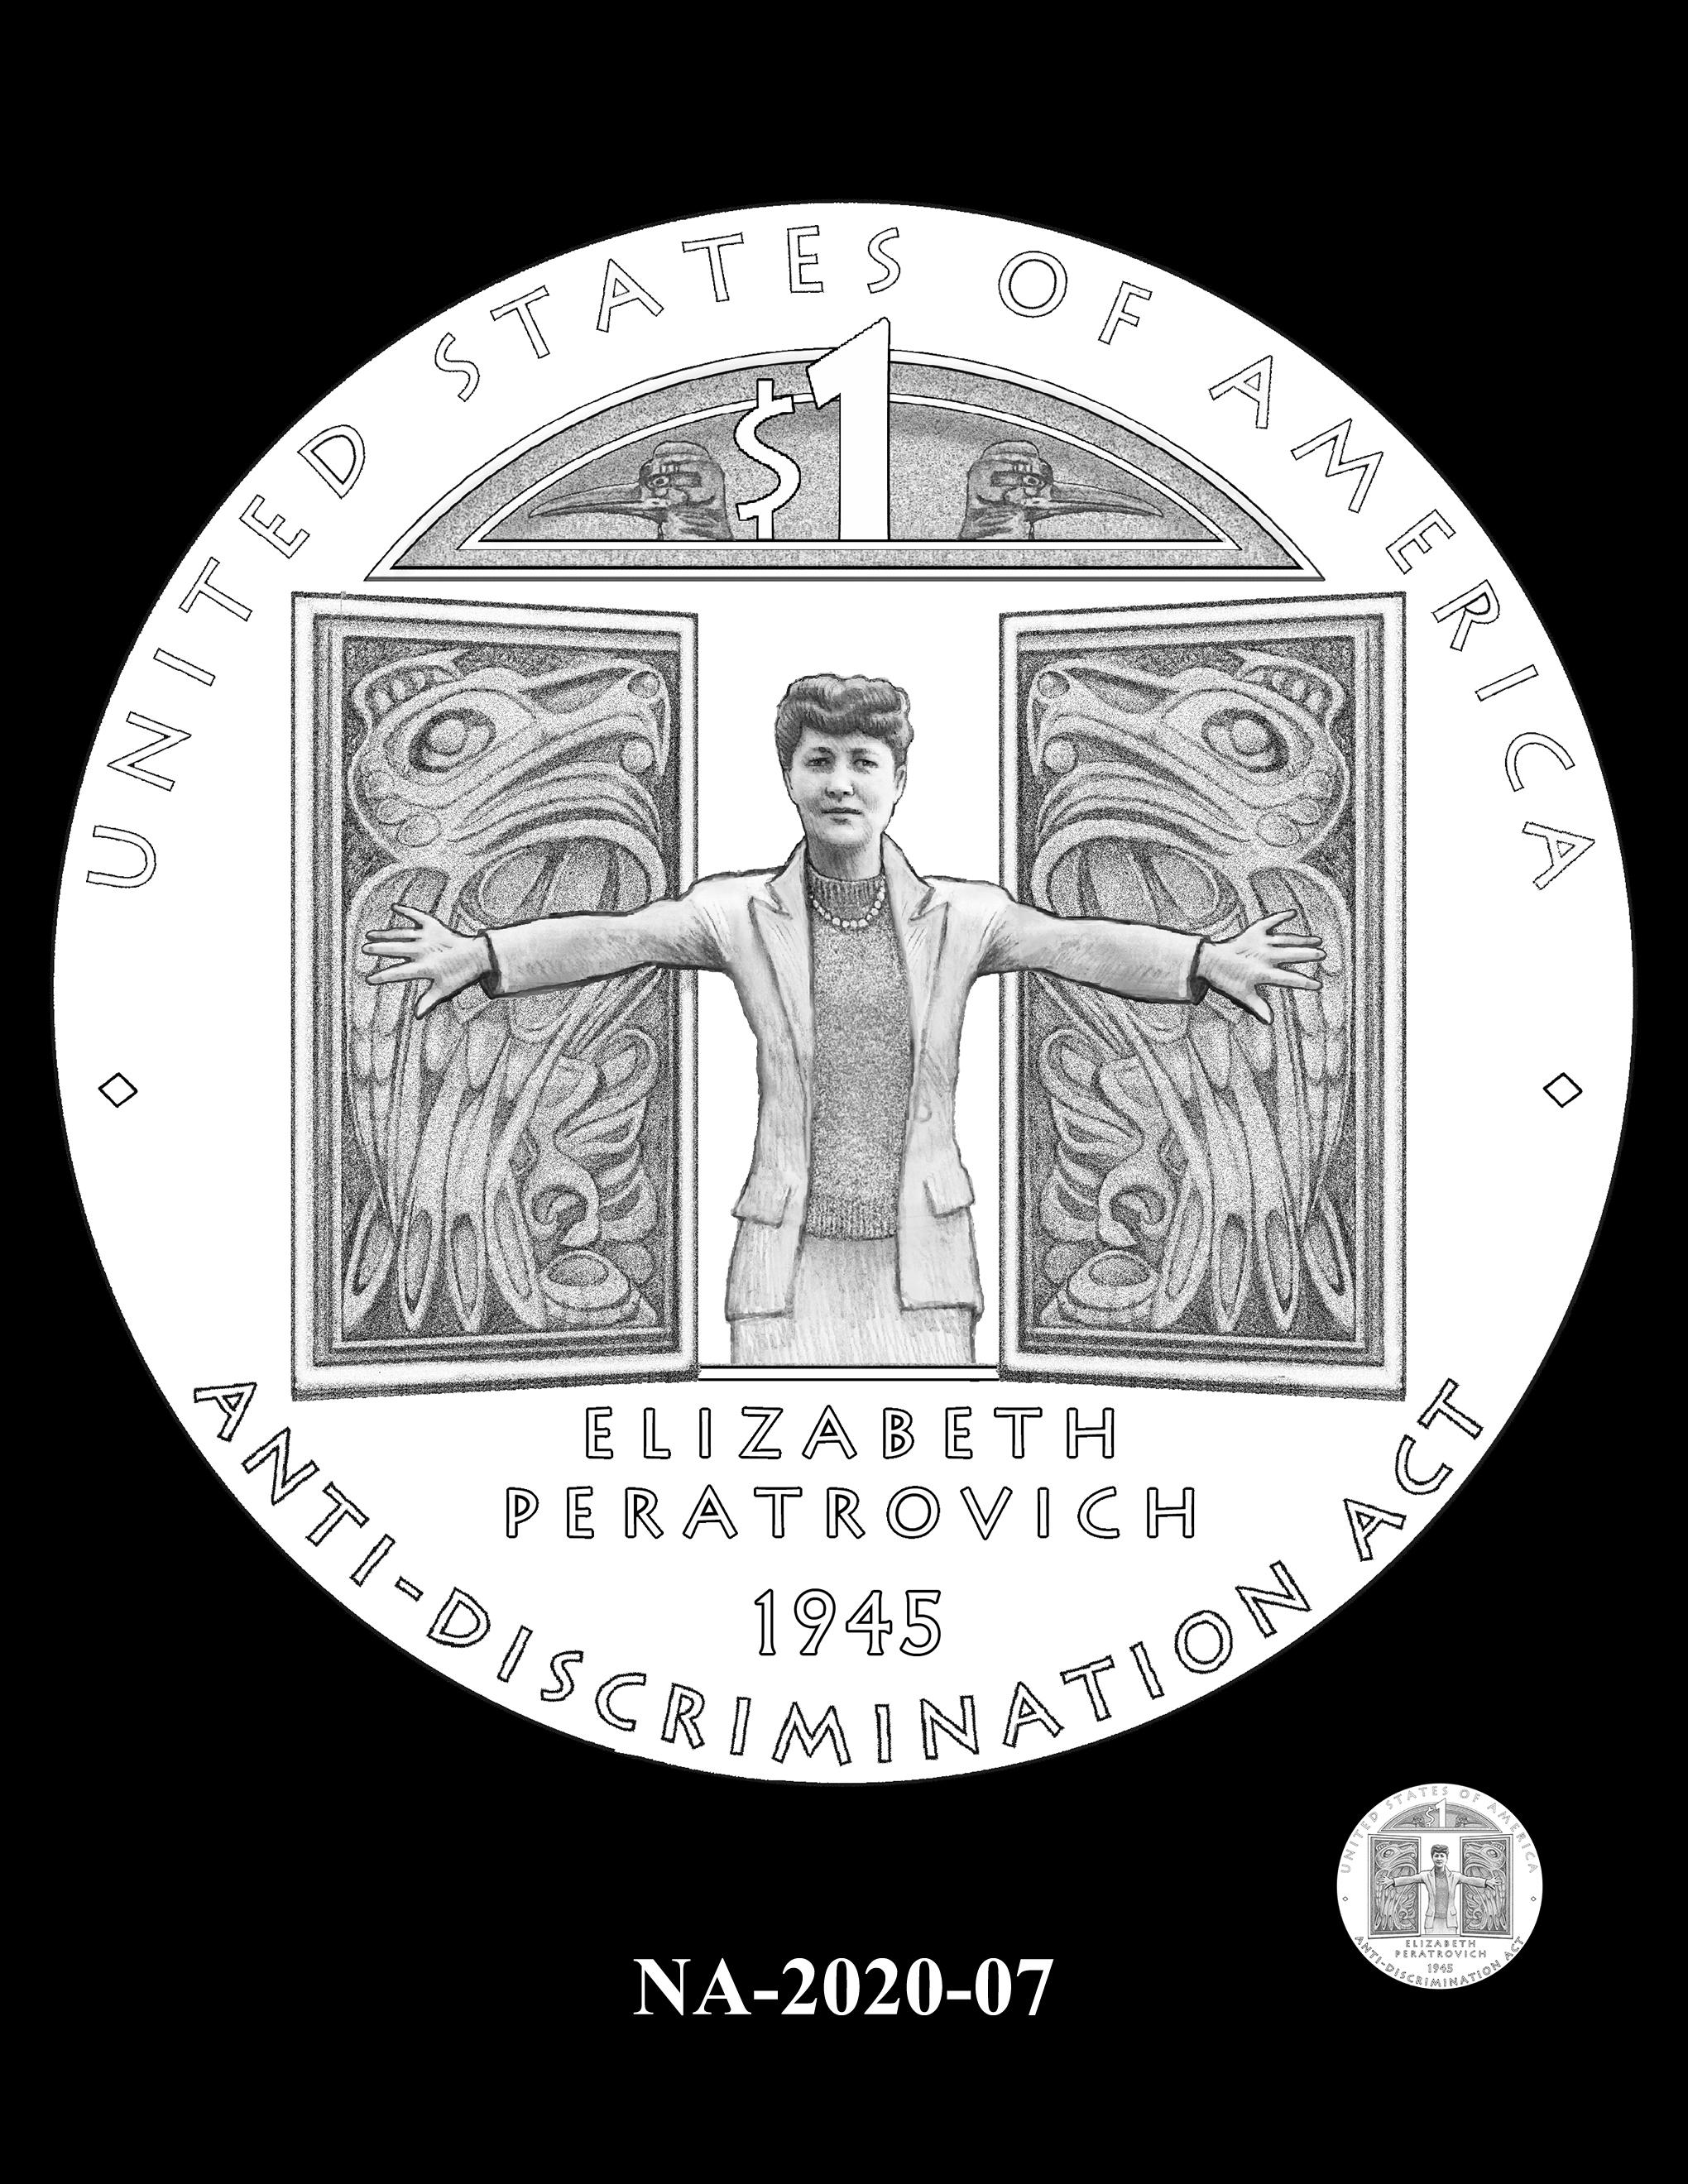 NA-2020-07 --2020 Native American $1 Coin